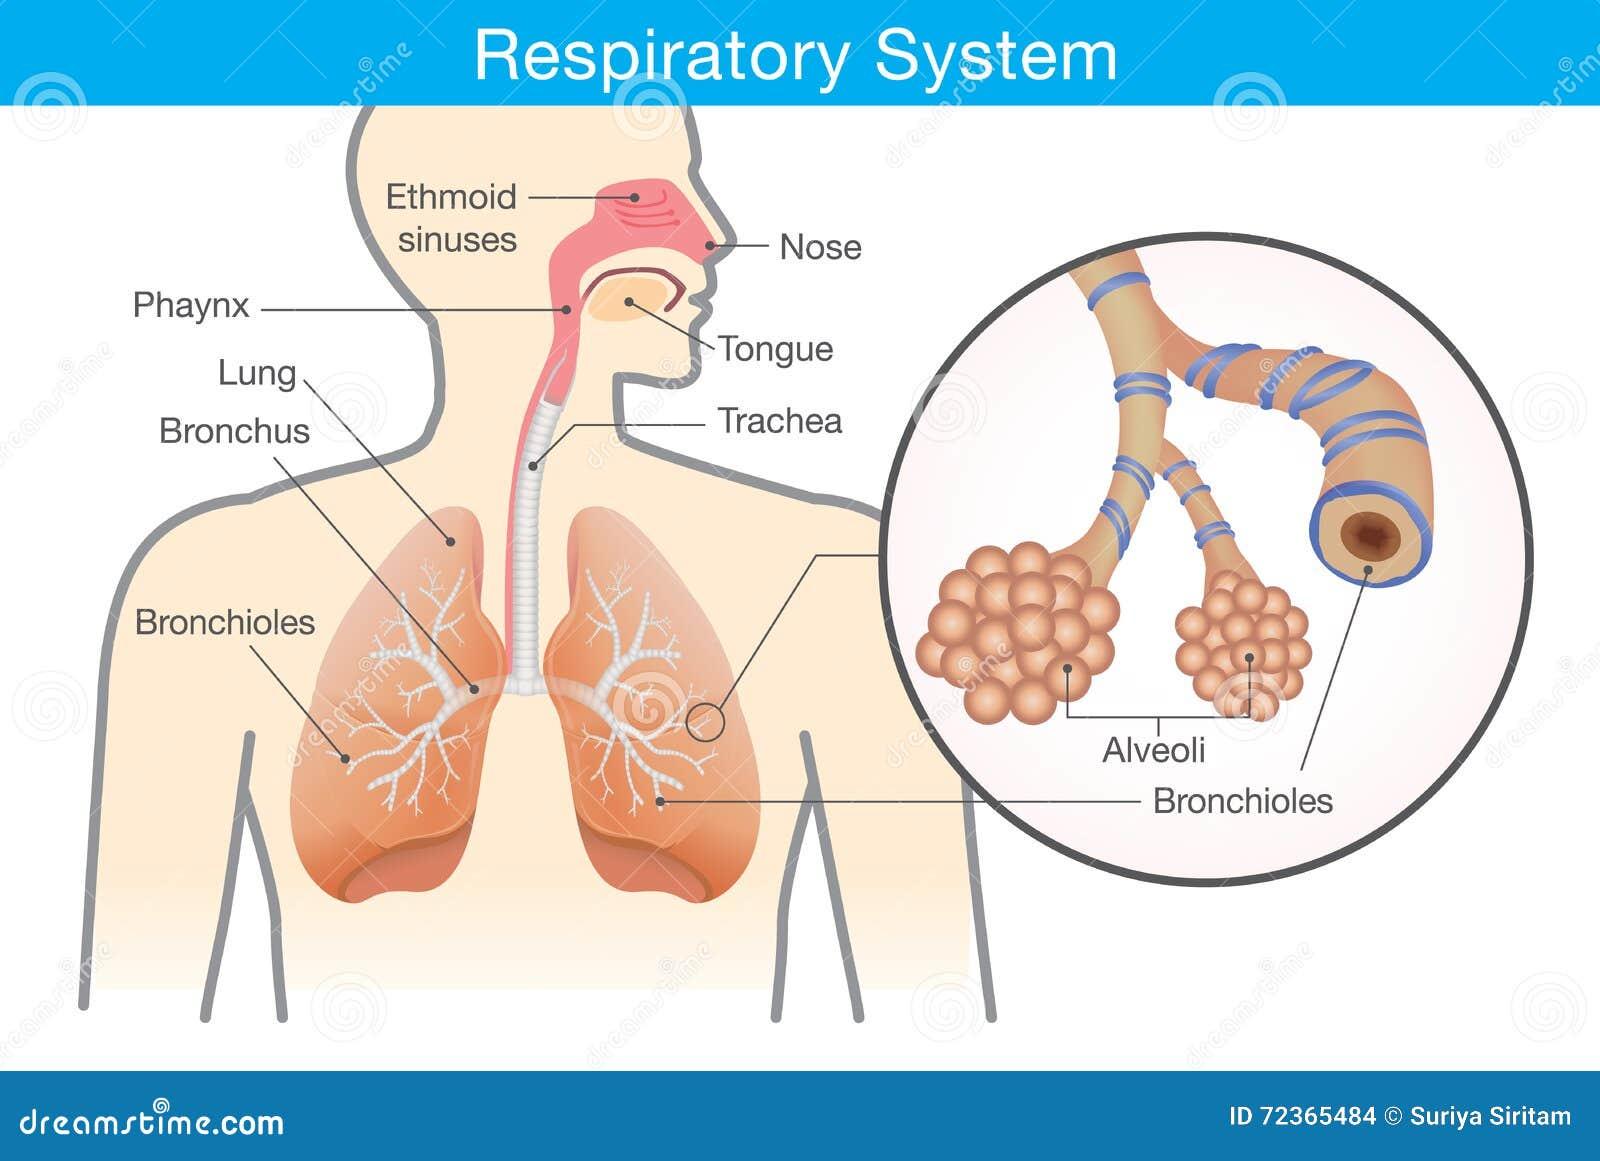 Beste Atmungssystemteile Funktionen Ideen - Menschliche Anatomie ...